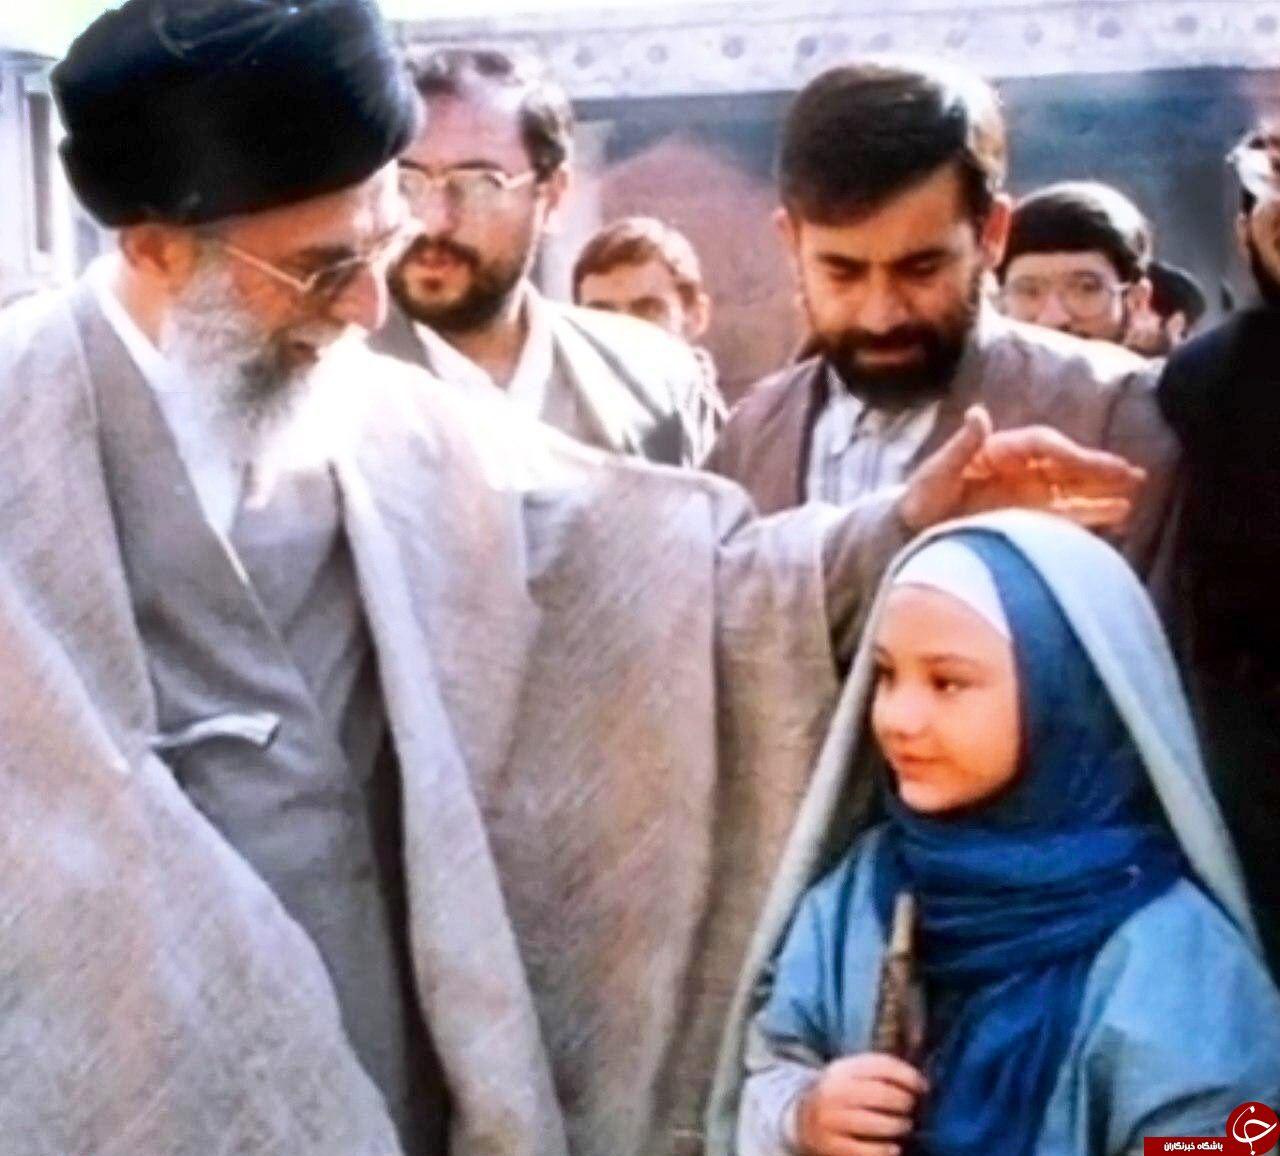 تصاویر بازدید رهبر انقلاب از پشت صحنه مریم مقدس